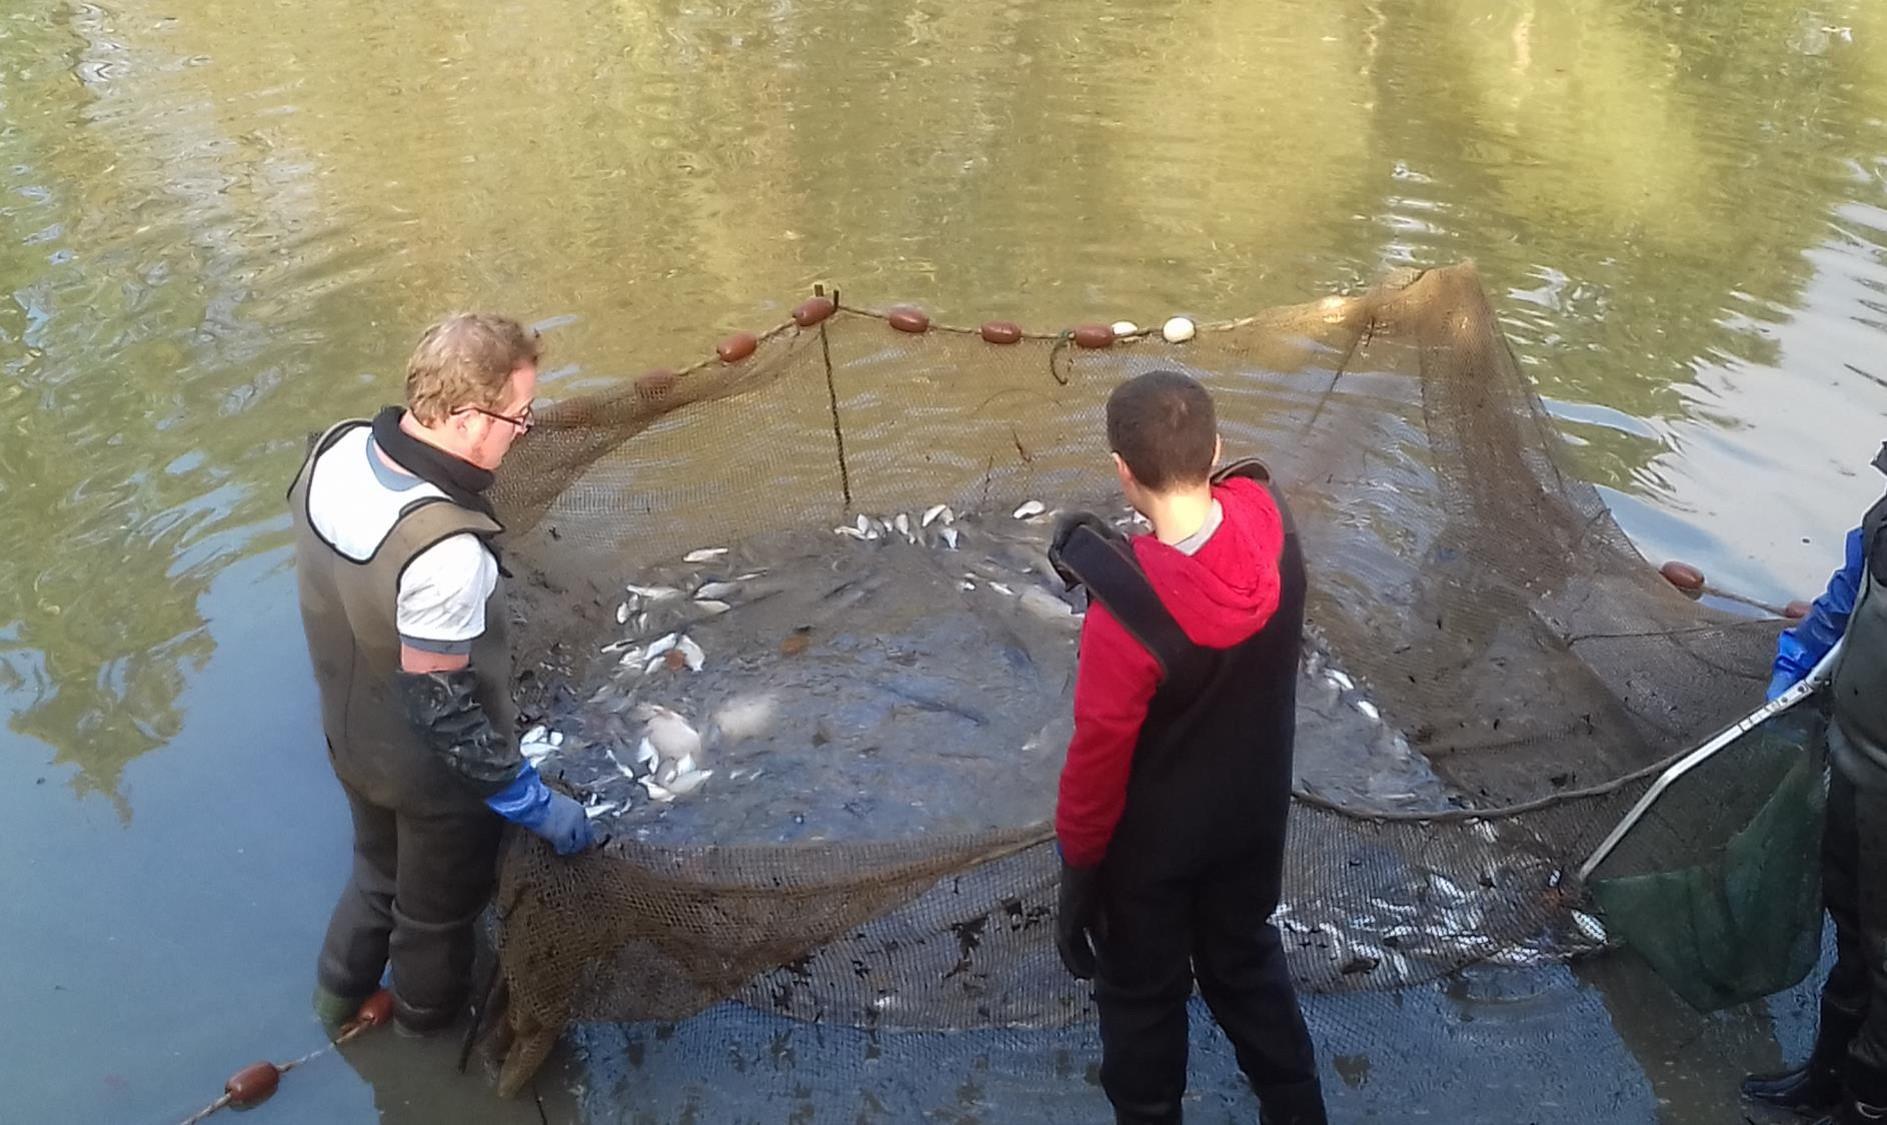 Pêche lors de la vidange du pland d'eau des Hunaudières - décembre 2018 - Bassin de l'Oudon